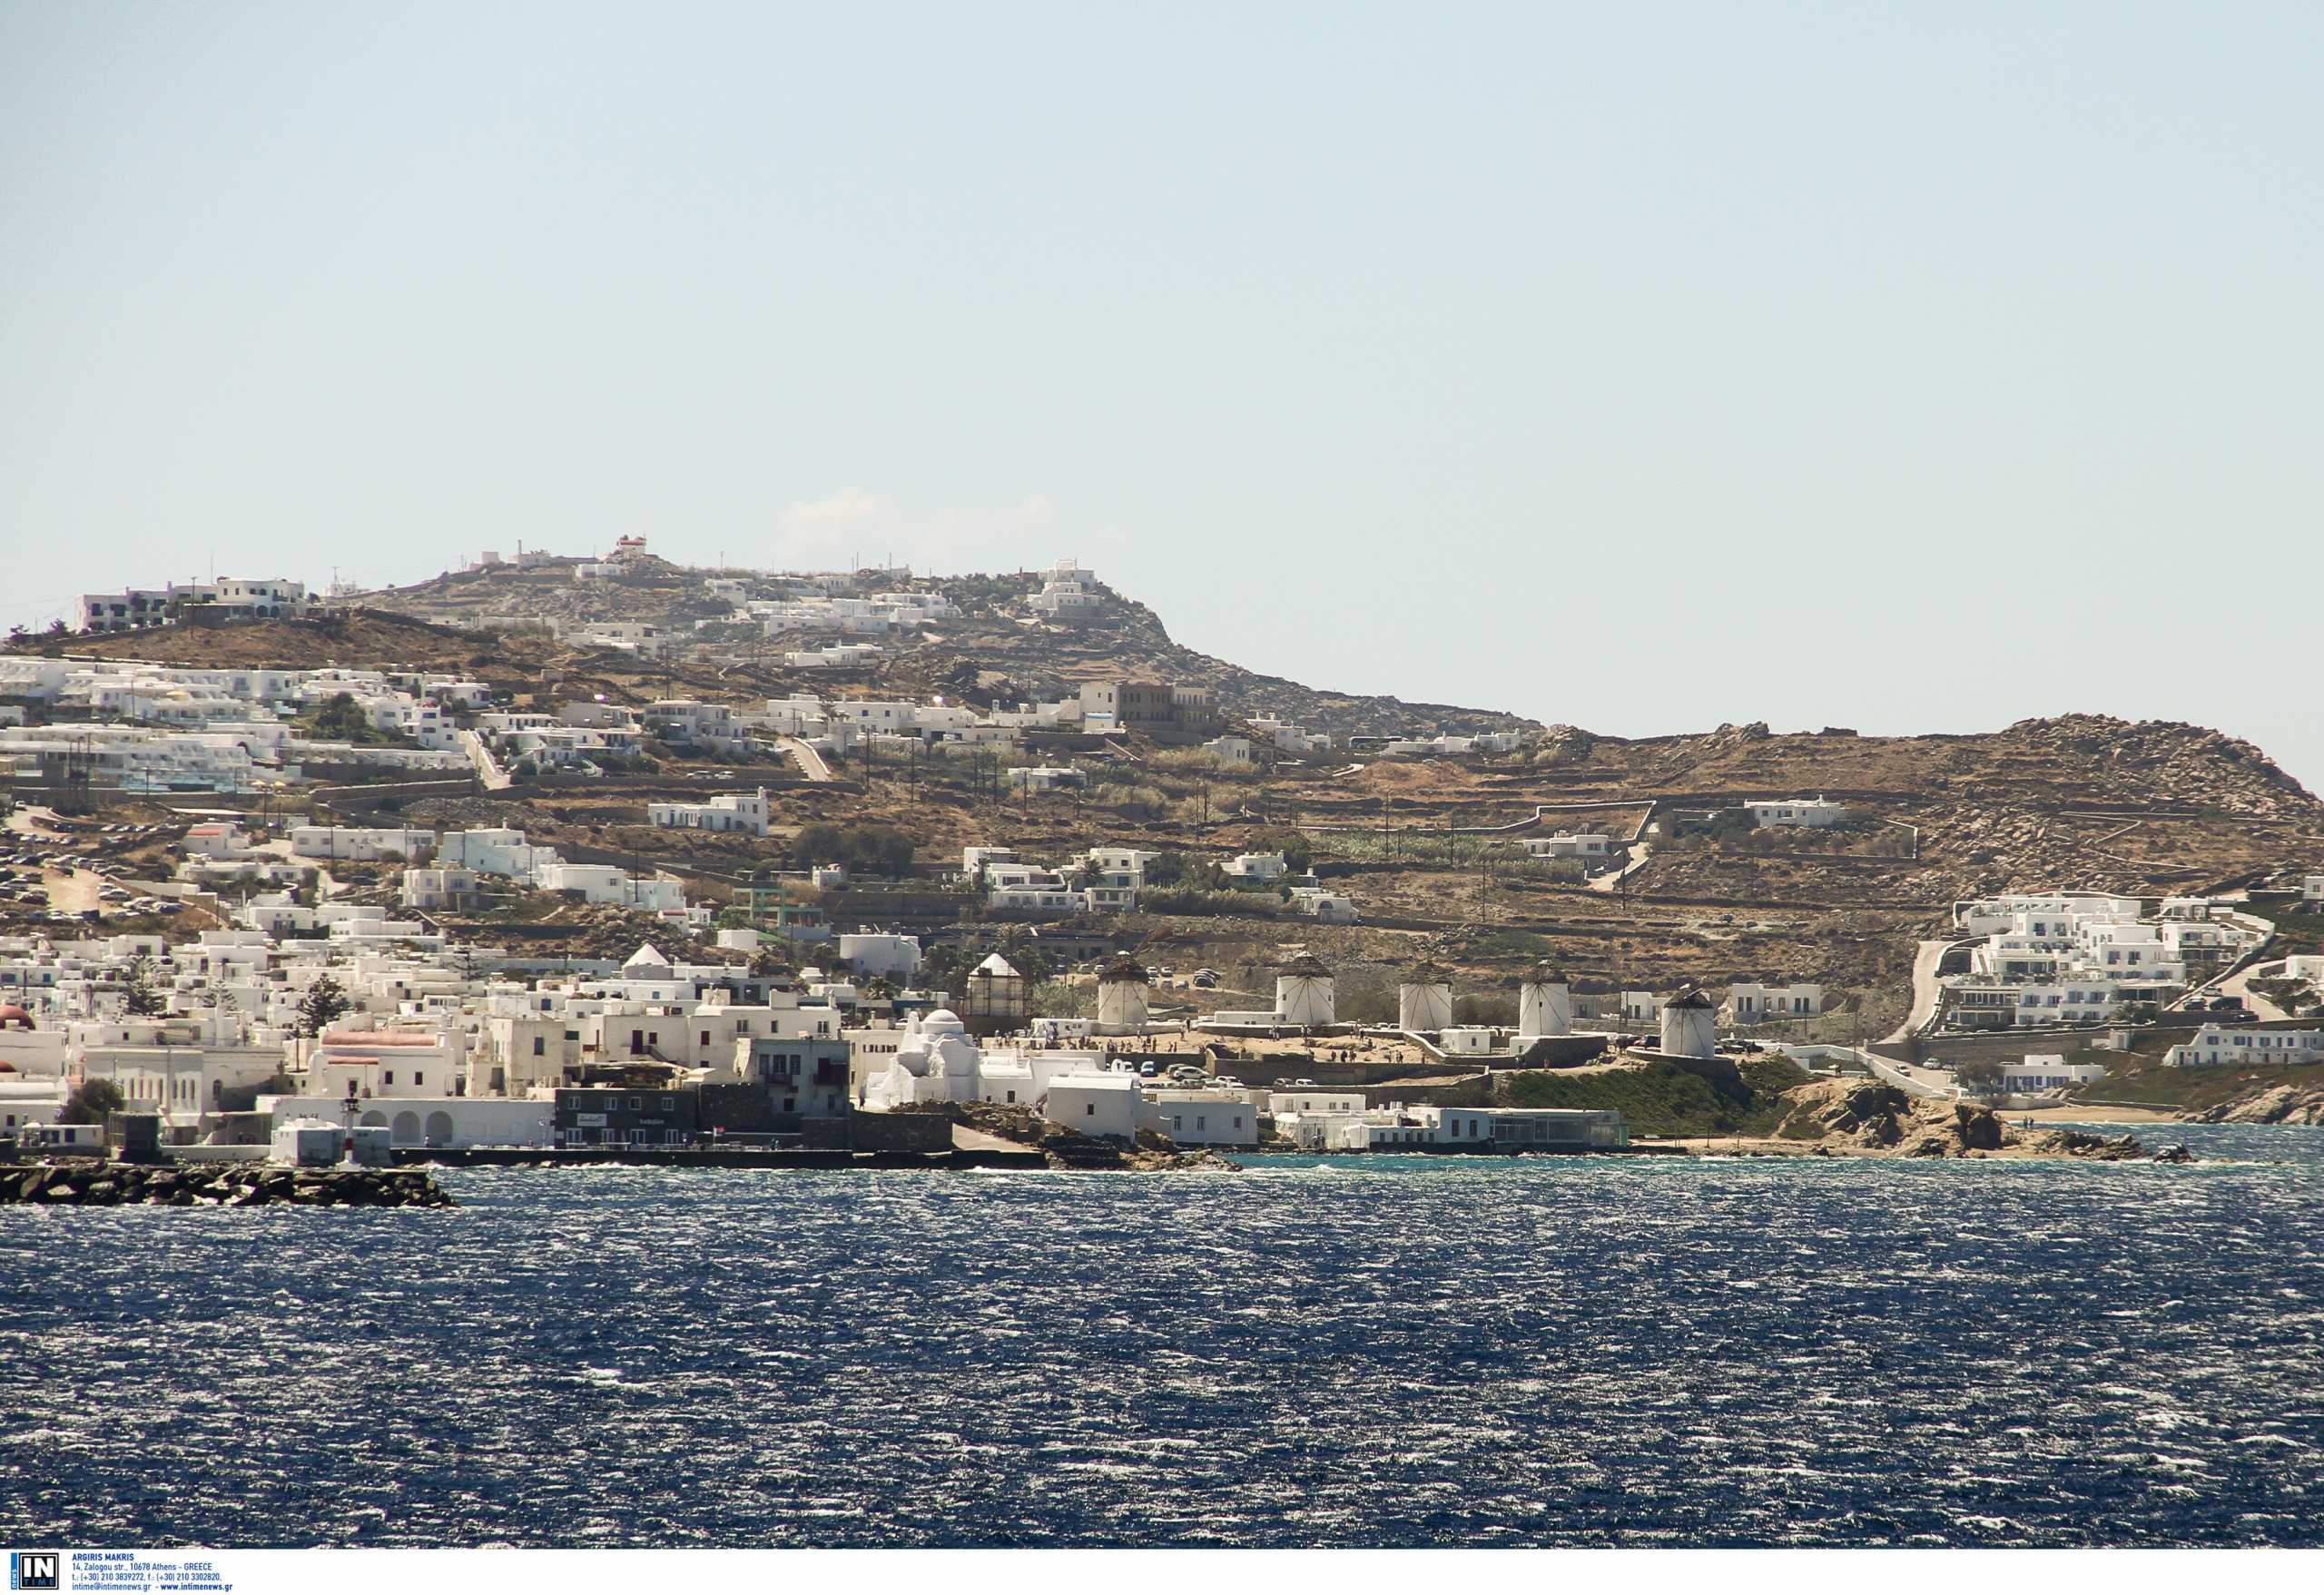 Μύκονος: Διακοπές θανάτου πάνω σε σκάφος – Νεκρή η γυναίκα παρά τις δραματικές προσπάθειες που έγιναν